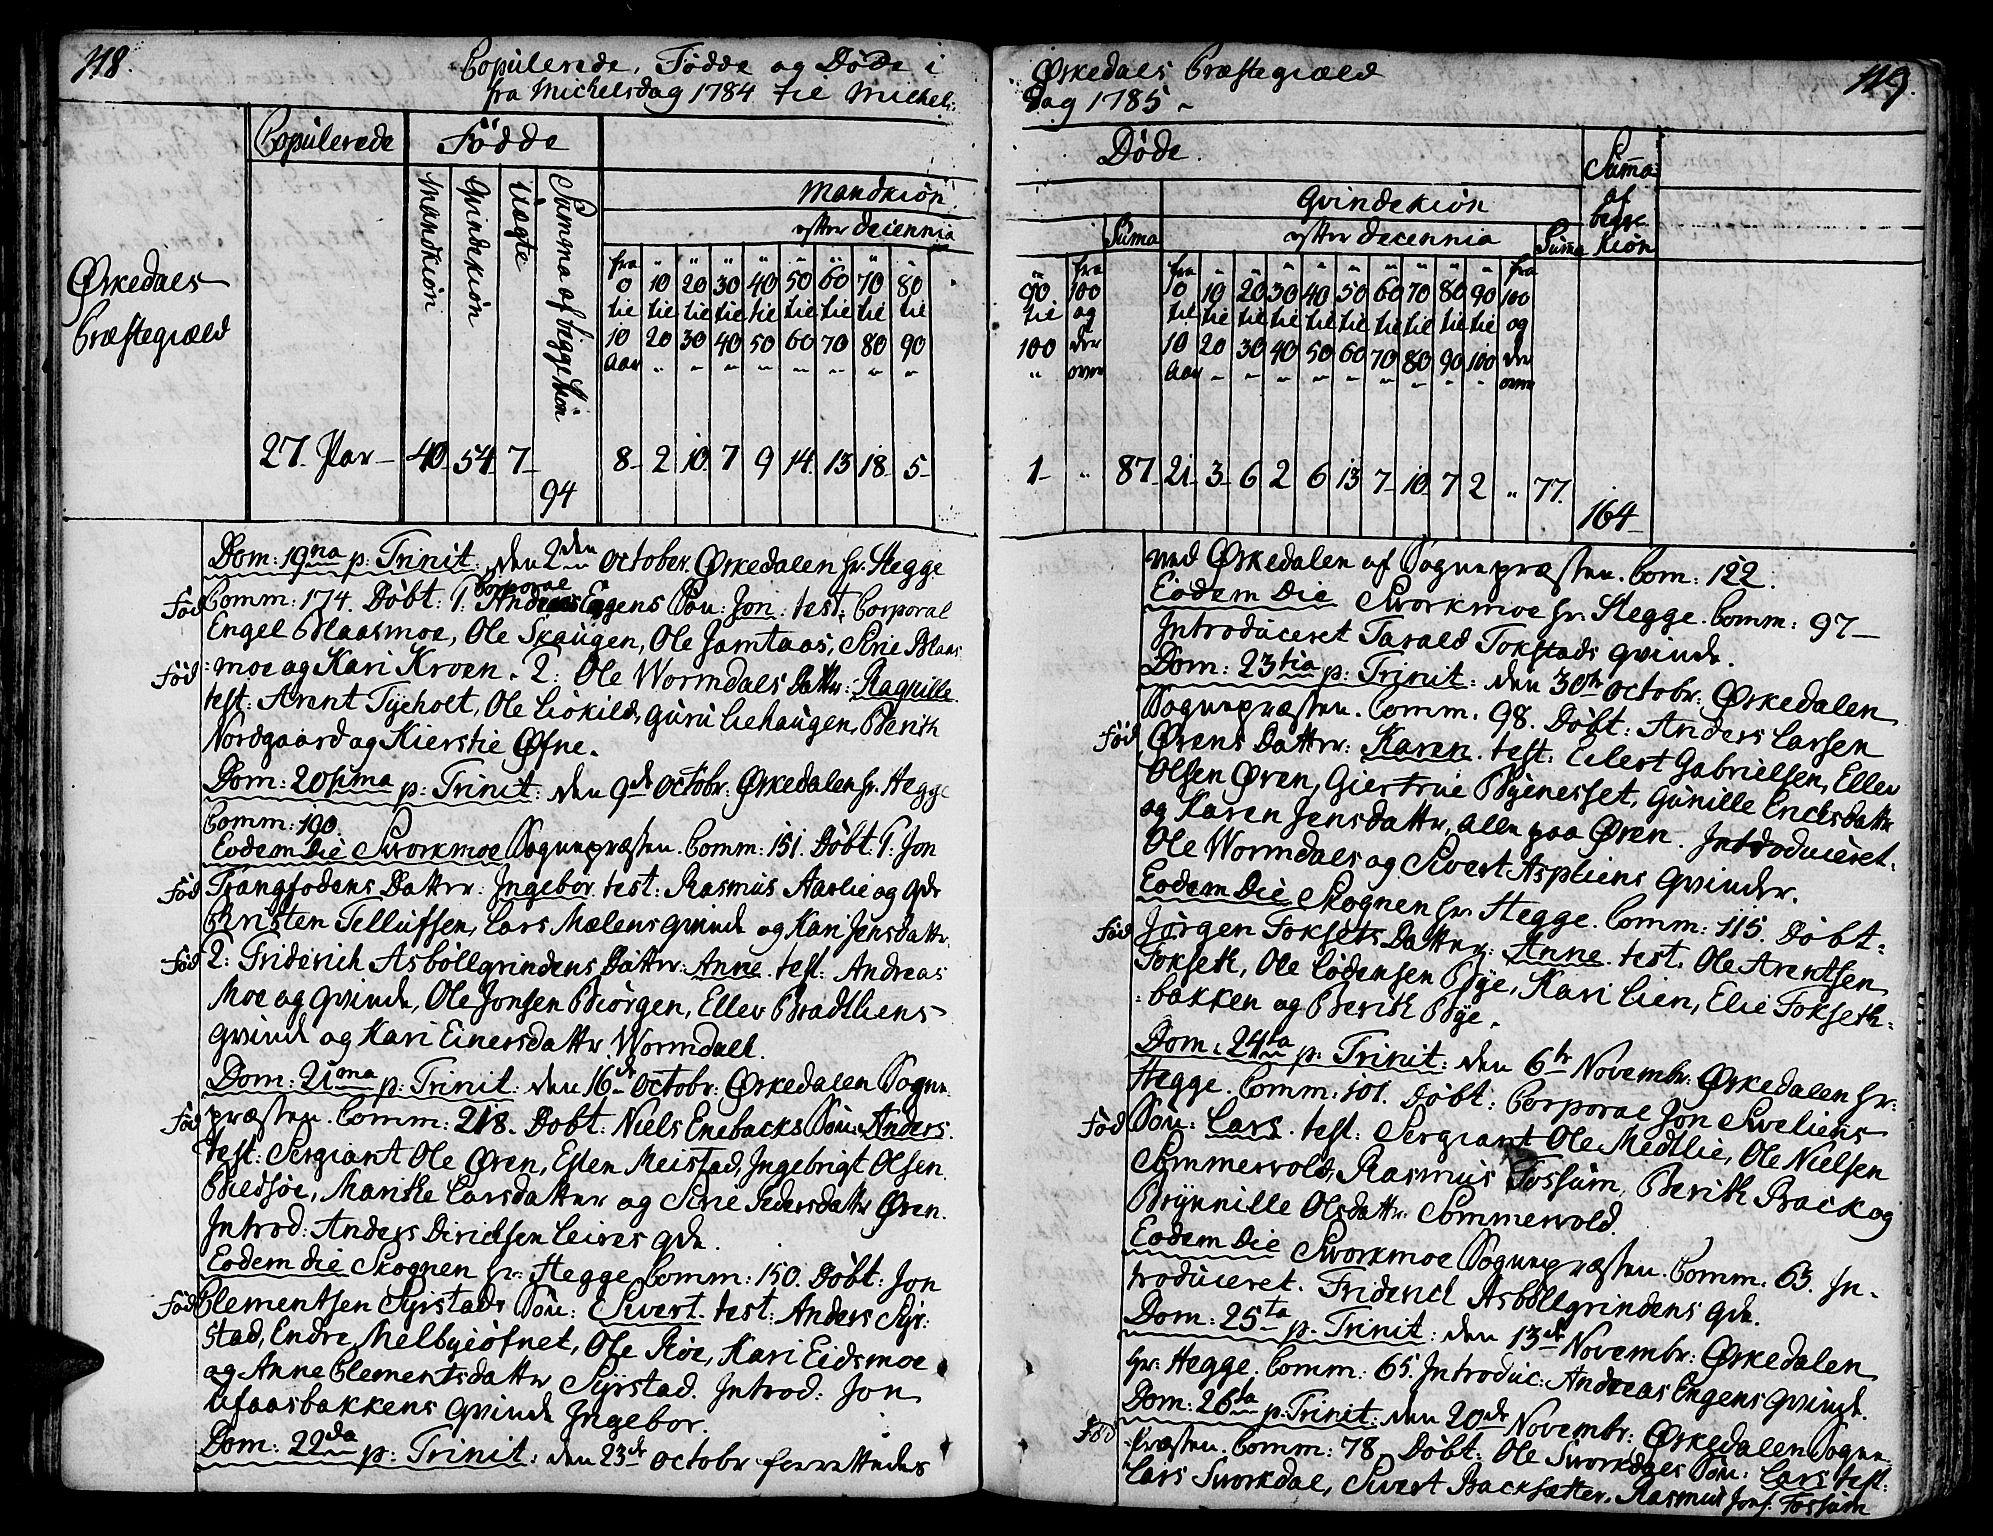 SAT, Ministerialprotokoller, klokkerbøker og fødselsregistre - Sør-Trøndelag, 668/L0802: Ministerialbok nr. 668A02, 1776-1799, s. 118-119